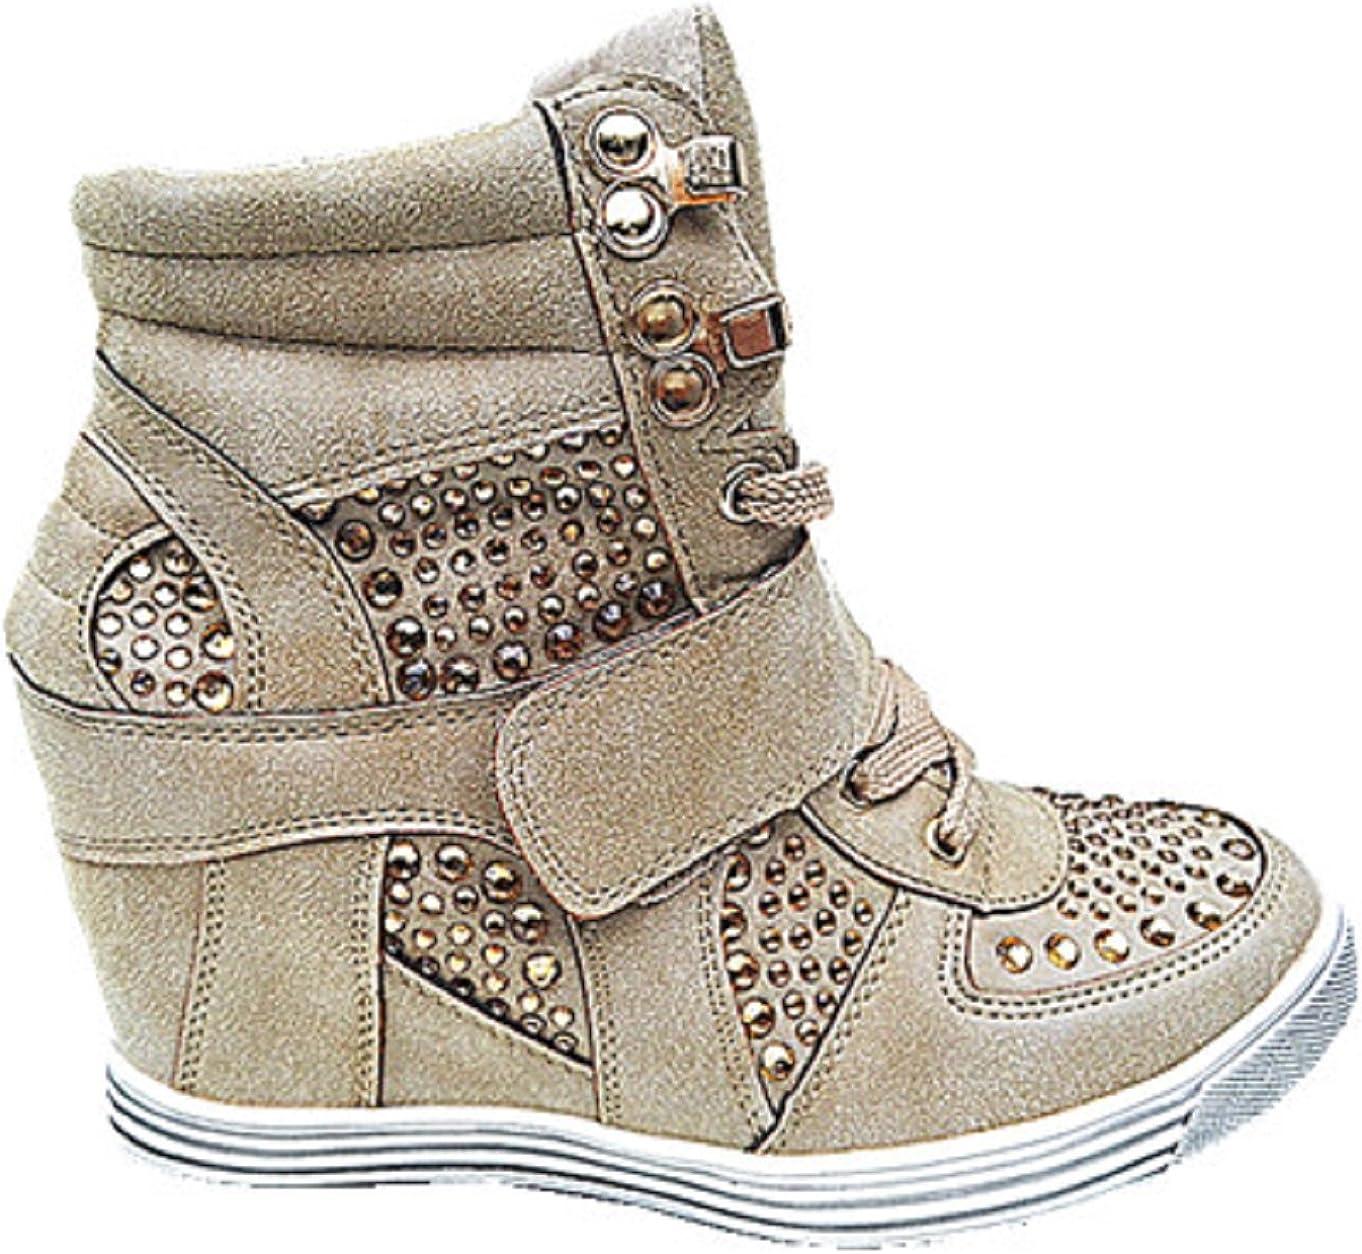 fashionfolie Baskets Compensées Montante Talon Chaussures Femme Fille Lacet Taupe 12